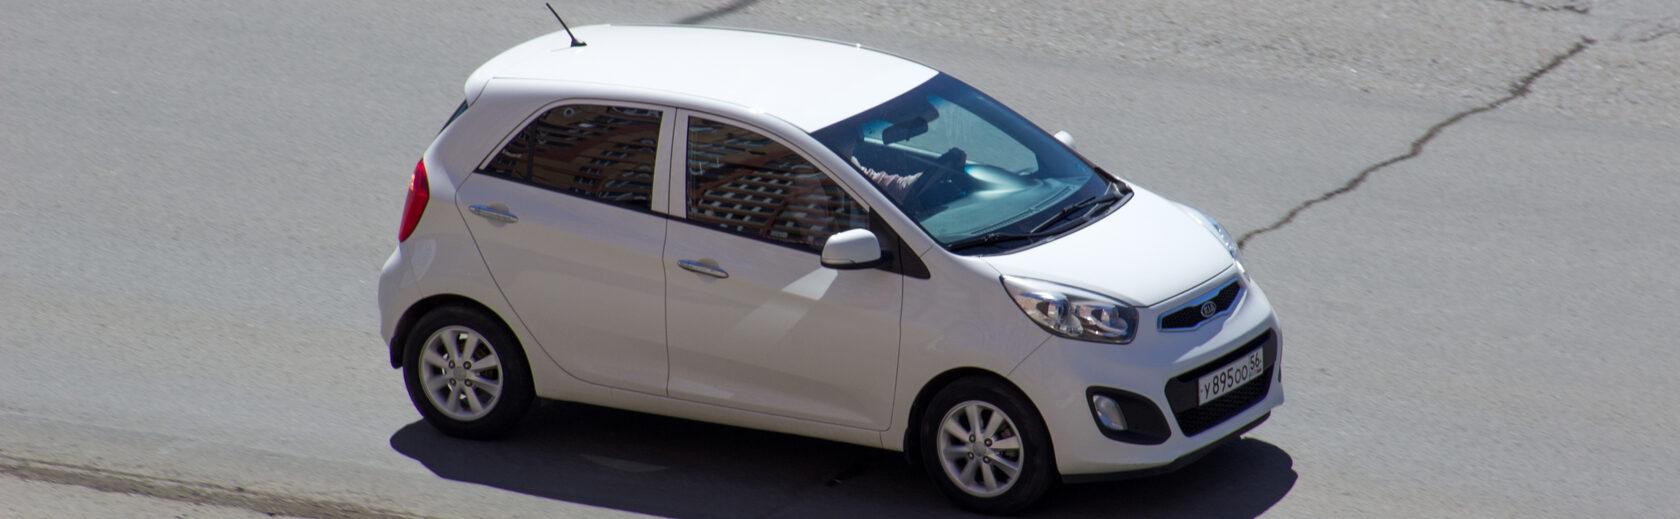 авто A-класс